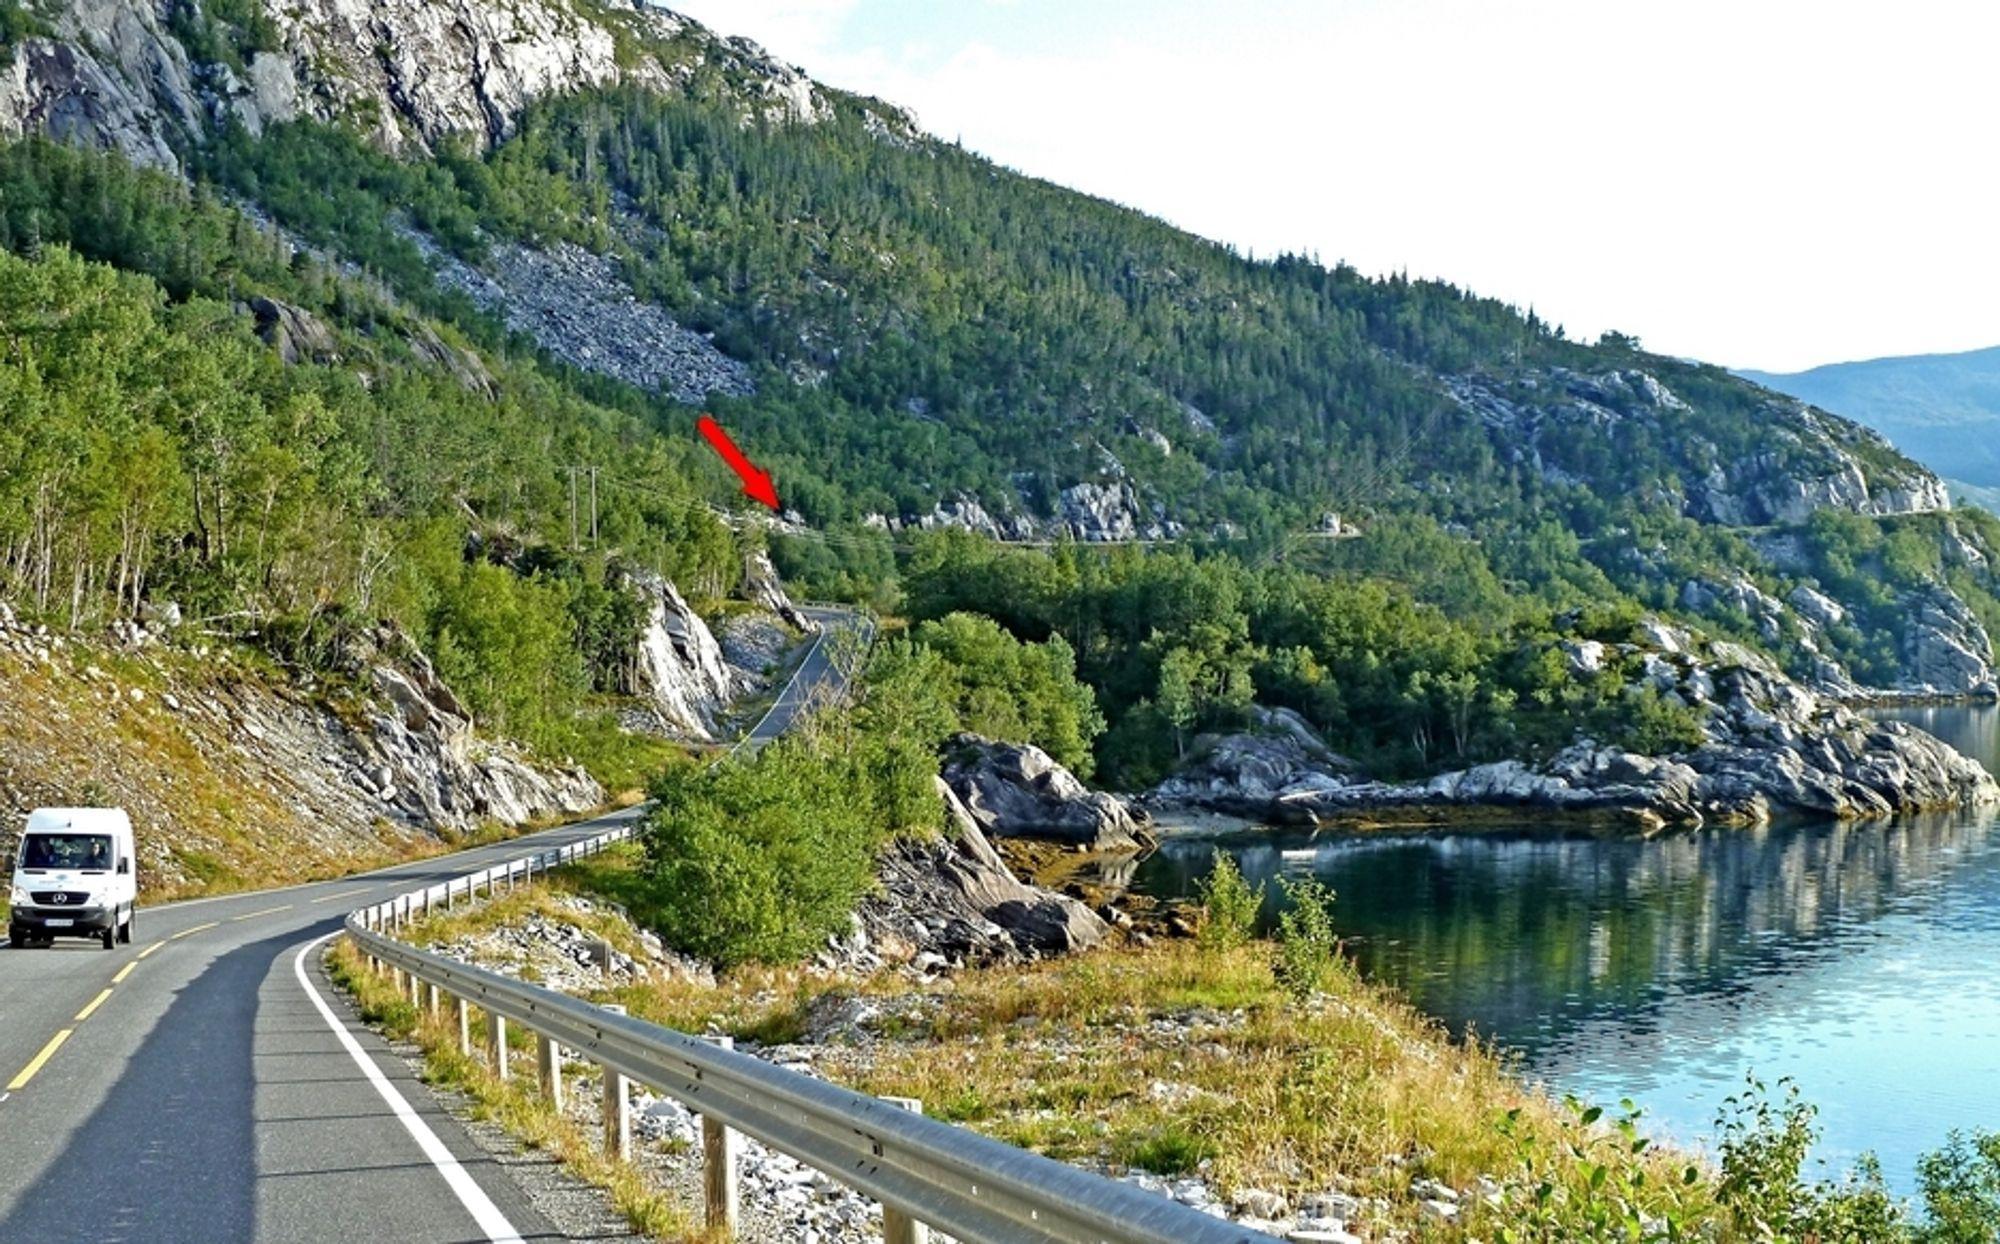 Den røde pilen markerer tunnelinnslaget i sørvest. Vegen langs fjellsiden i bakgrunnen blir stengt når tunnelen åpnes 12.12.1012.